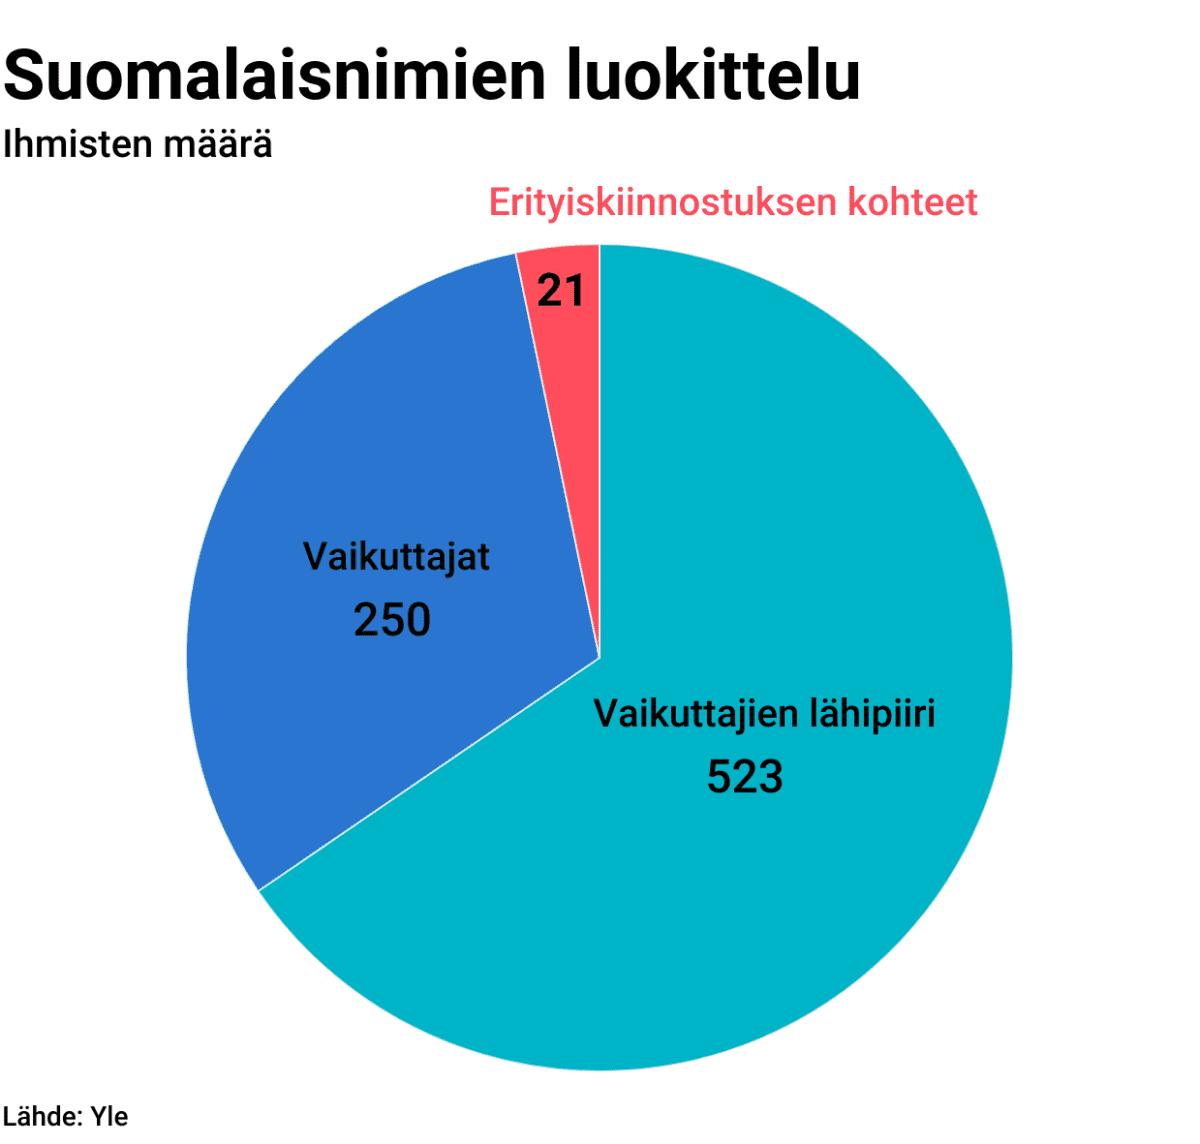 Tilastografiikka suomalaisnimien luokittelusta